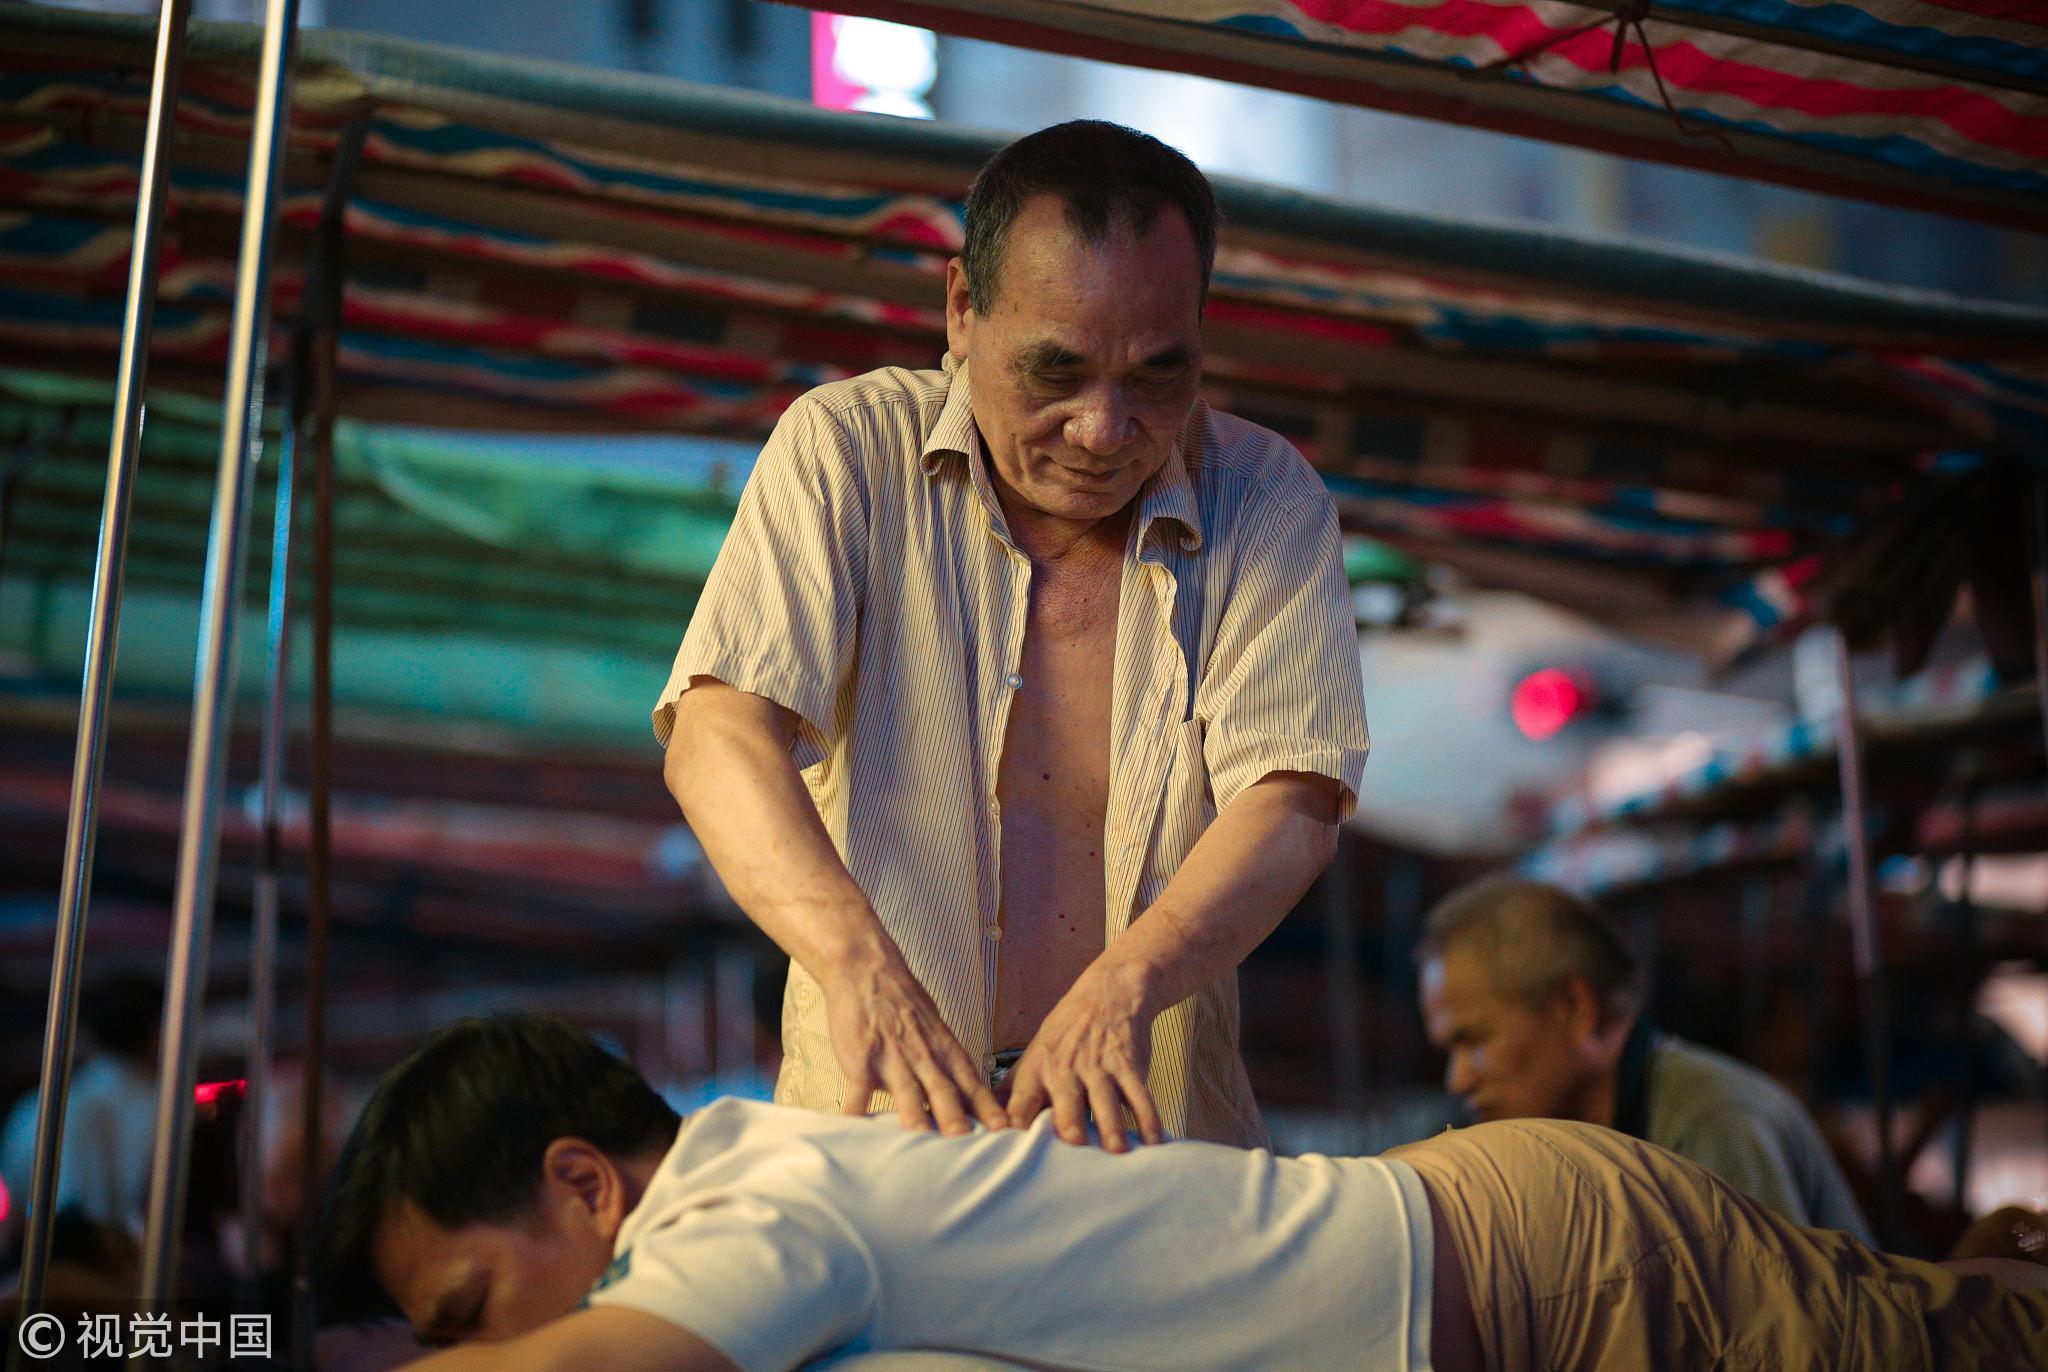 中国大街上为什么这么多盲人按摩